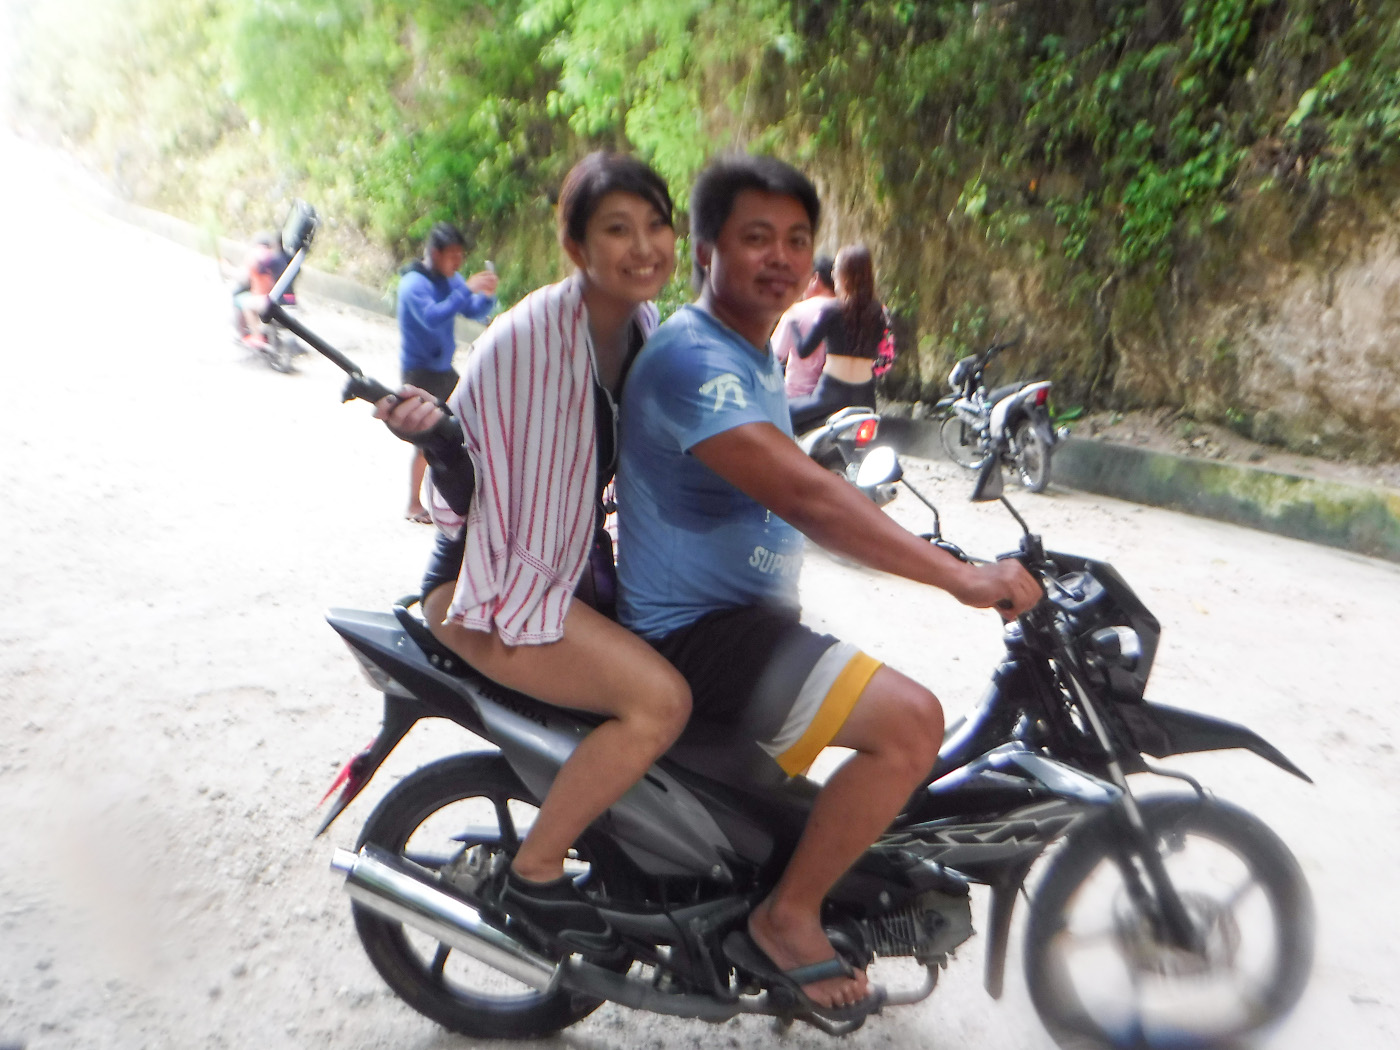 ツマログ滝へバイク移動している写真